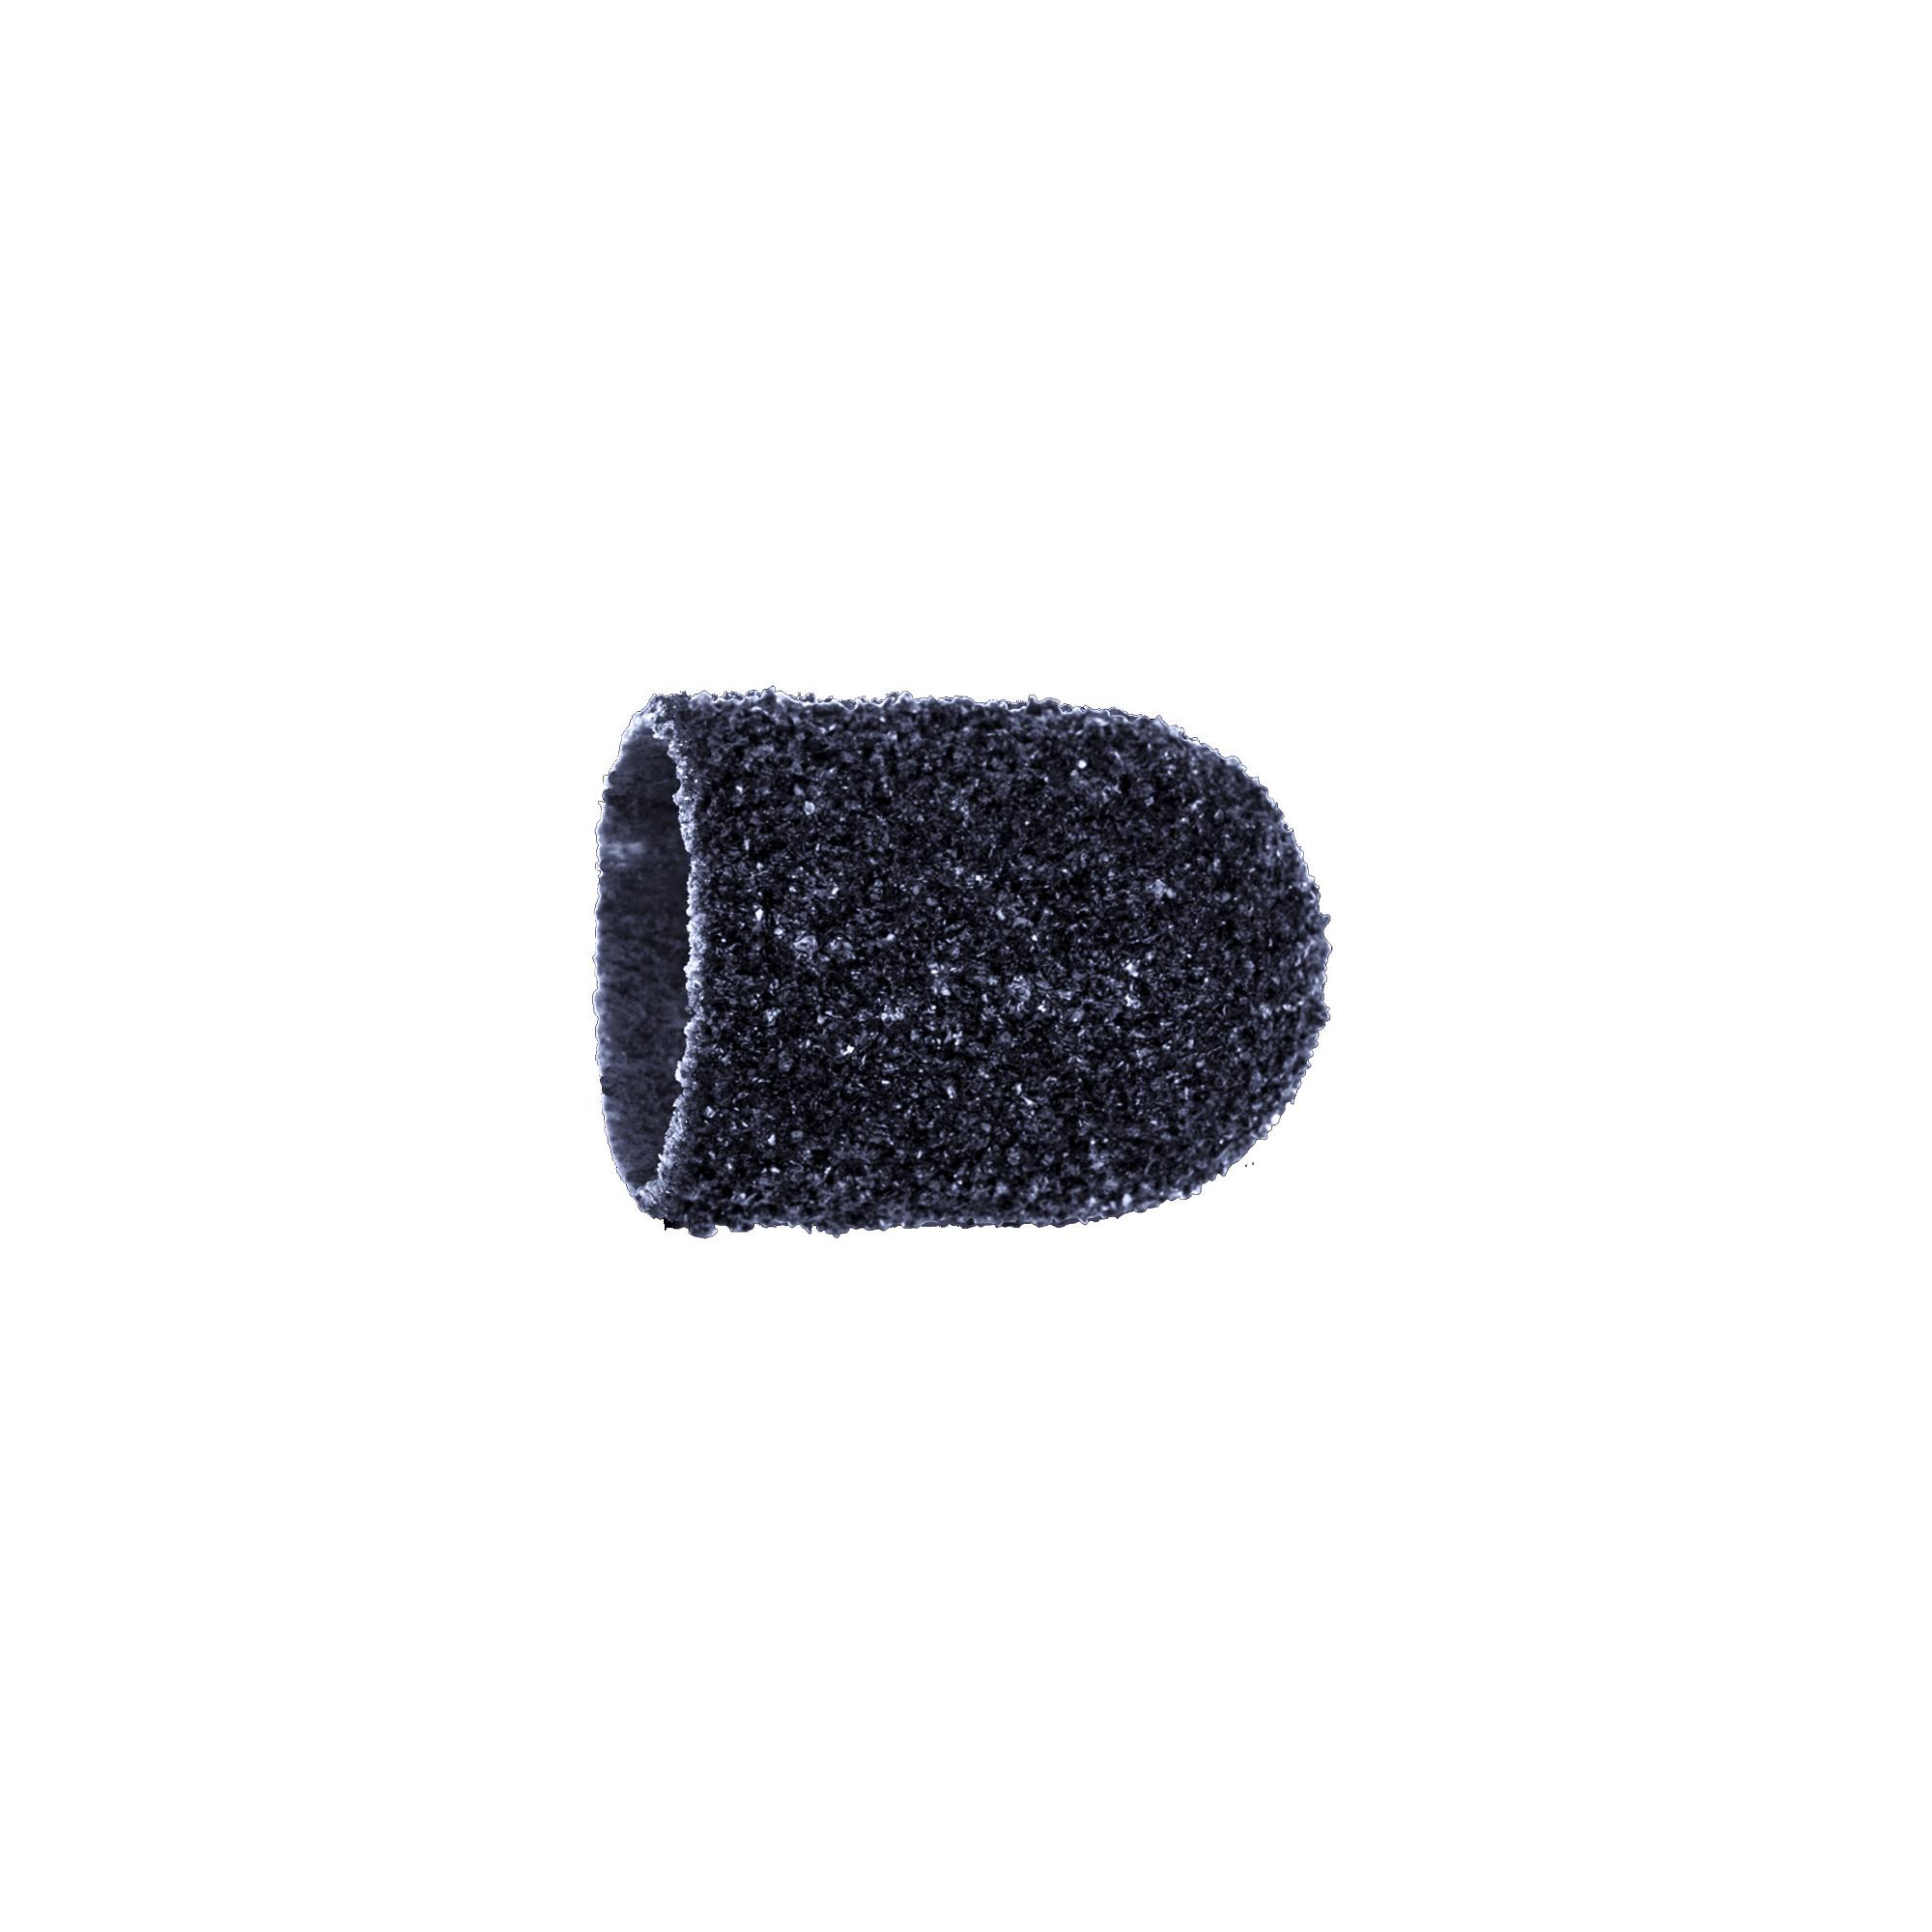 Capuchons abrasifs x10 0504 - Diamant - Grain super gros - Abrasion des cors, durillons et hyperkératoses - 13 mm